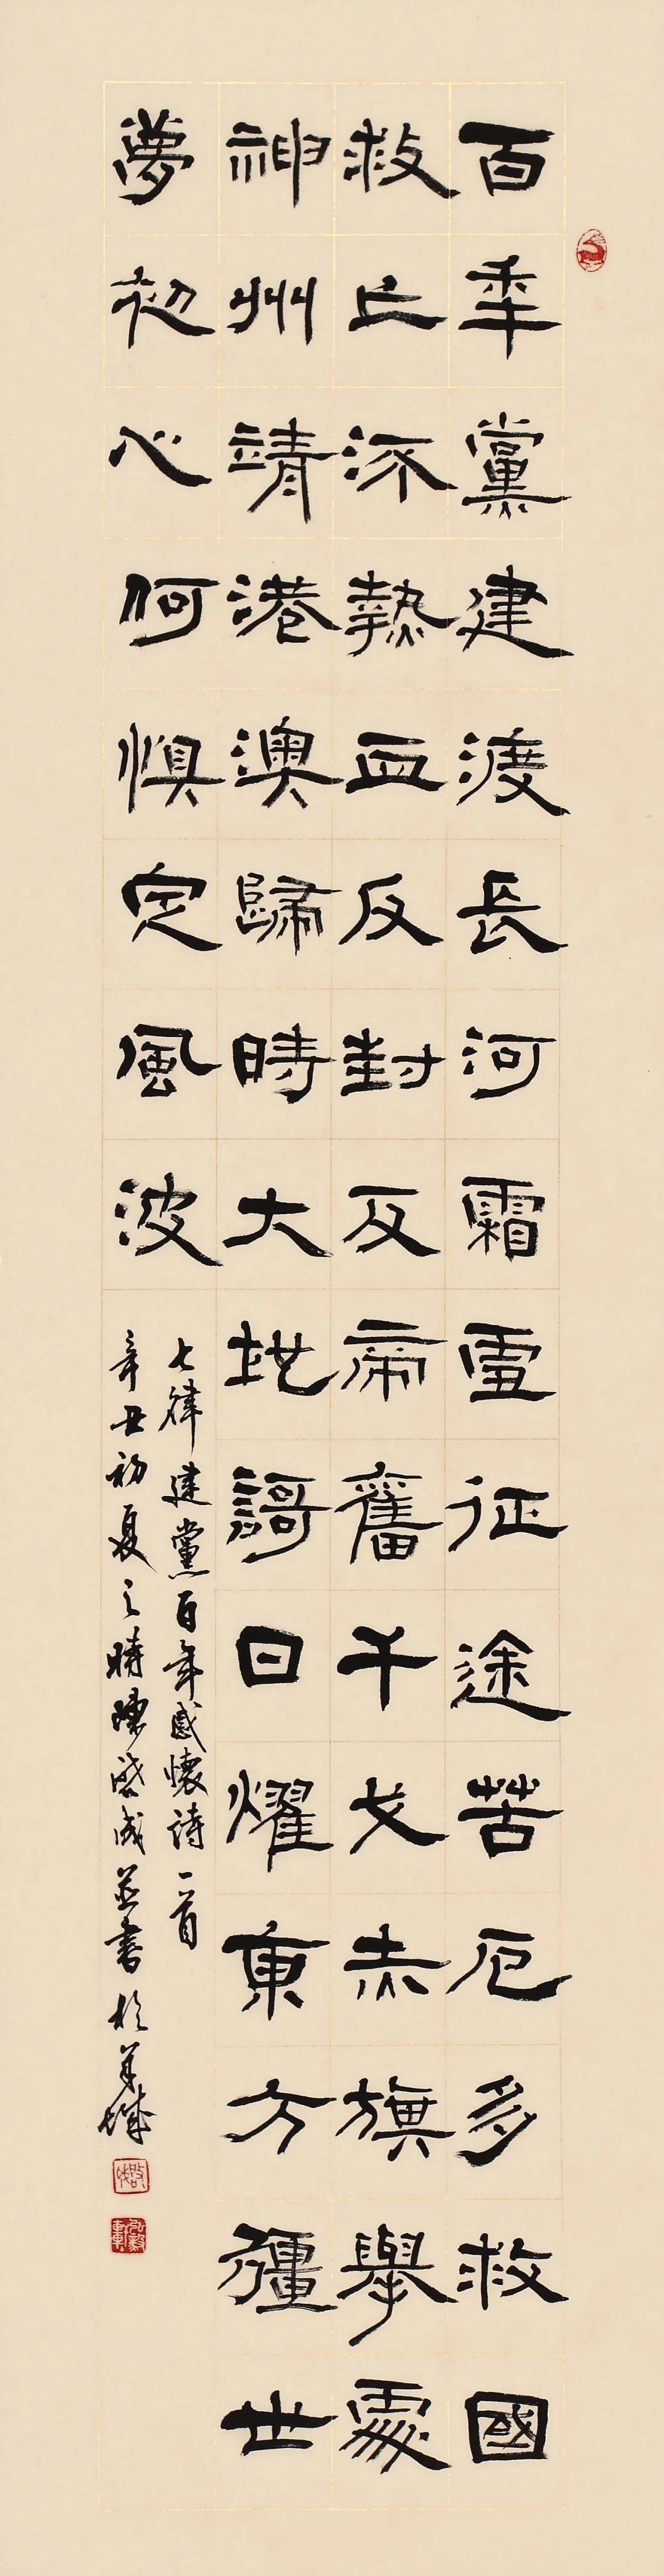 广东省书法家协会会员、广州市书法家协会副主席、广州羊城书法研究会理事、广州致公书画院书法家陈启成